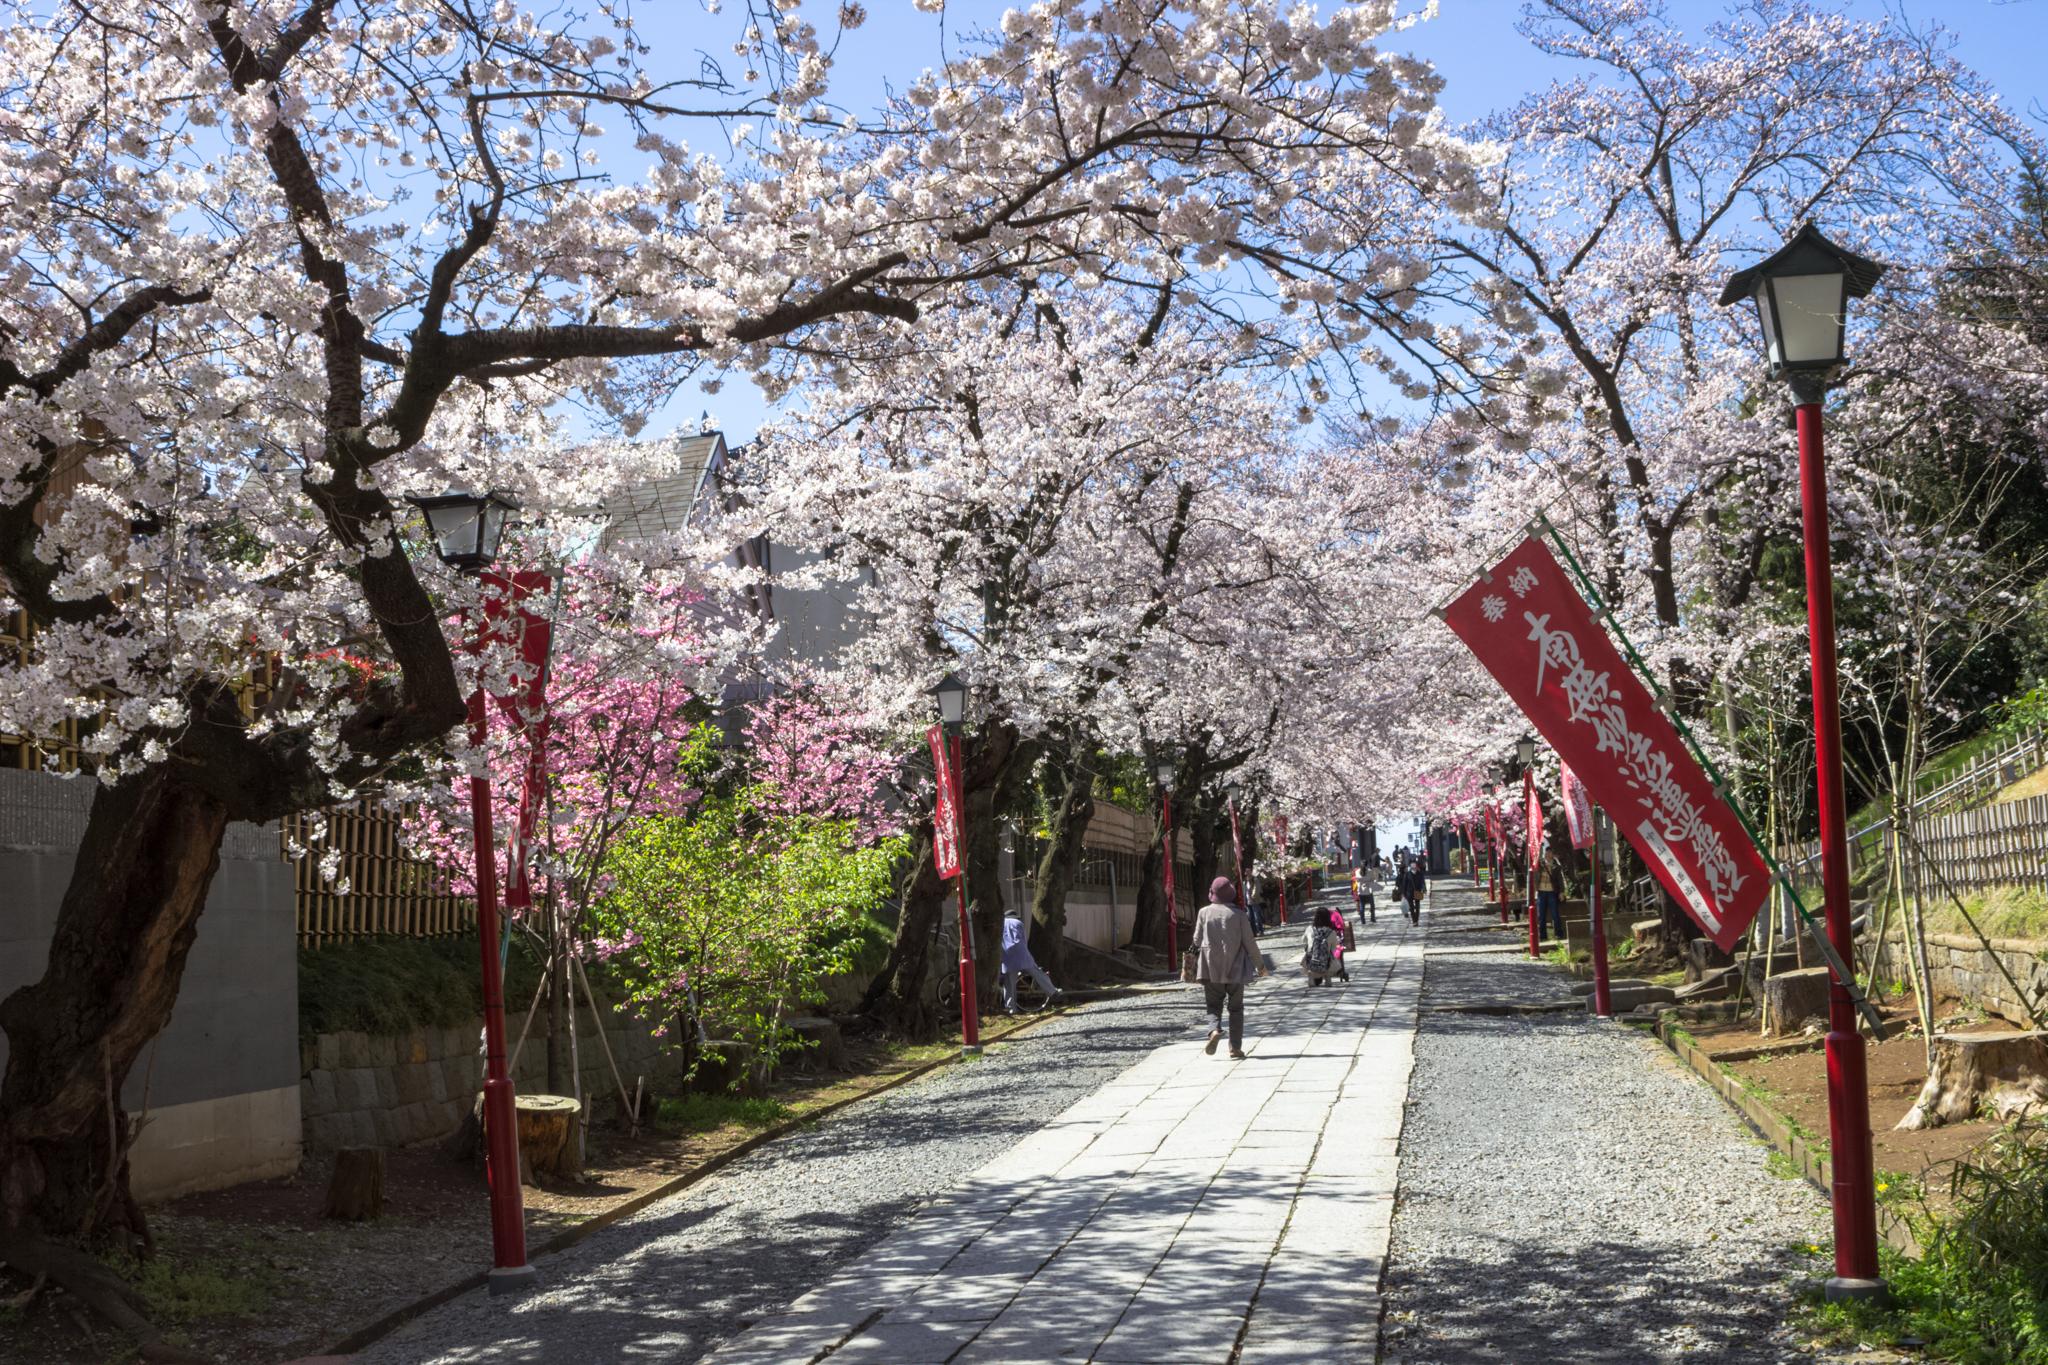 市川市内のお花見スポット3選!